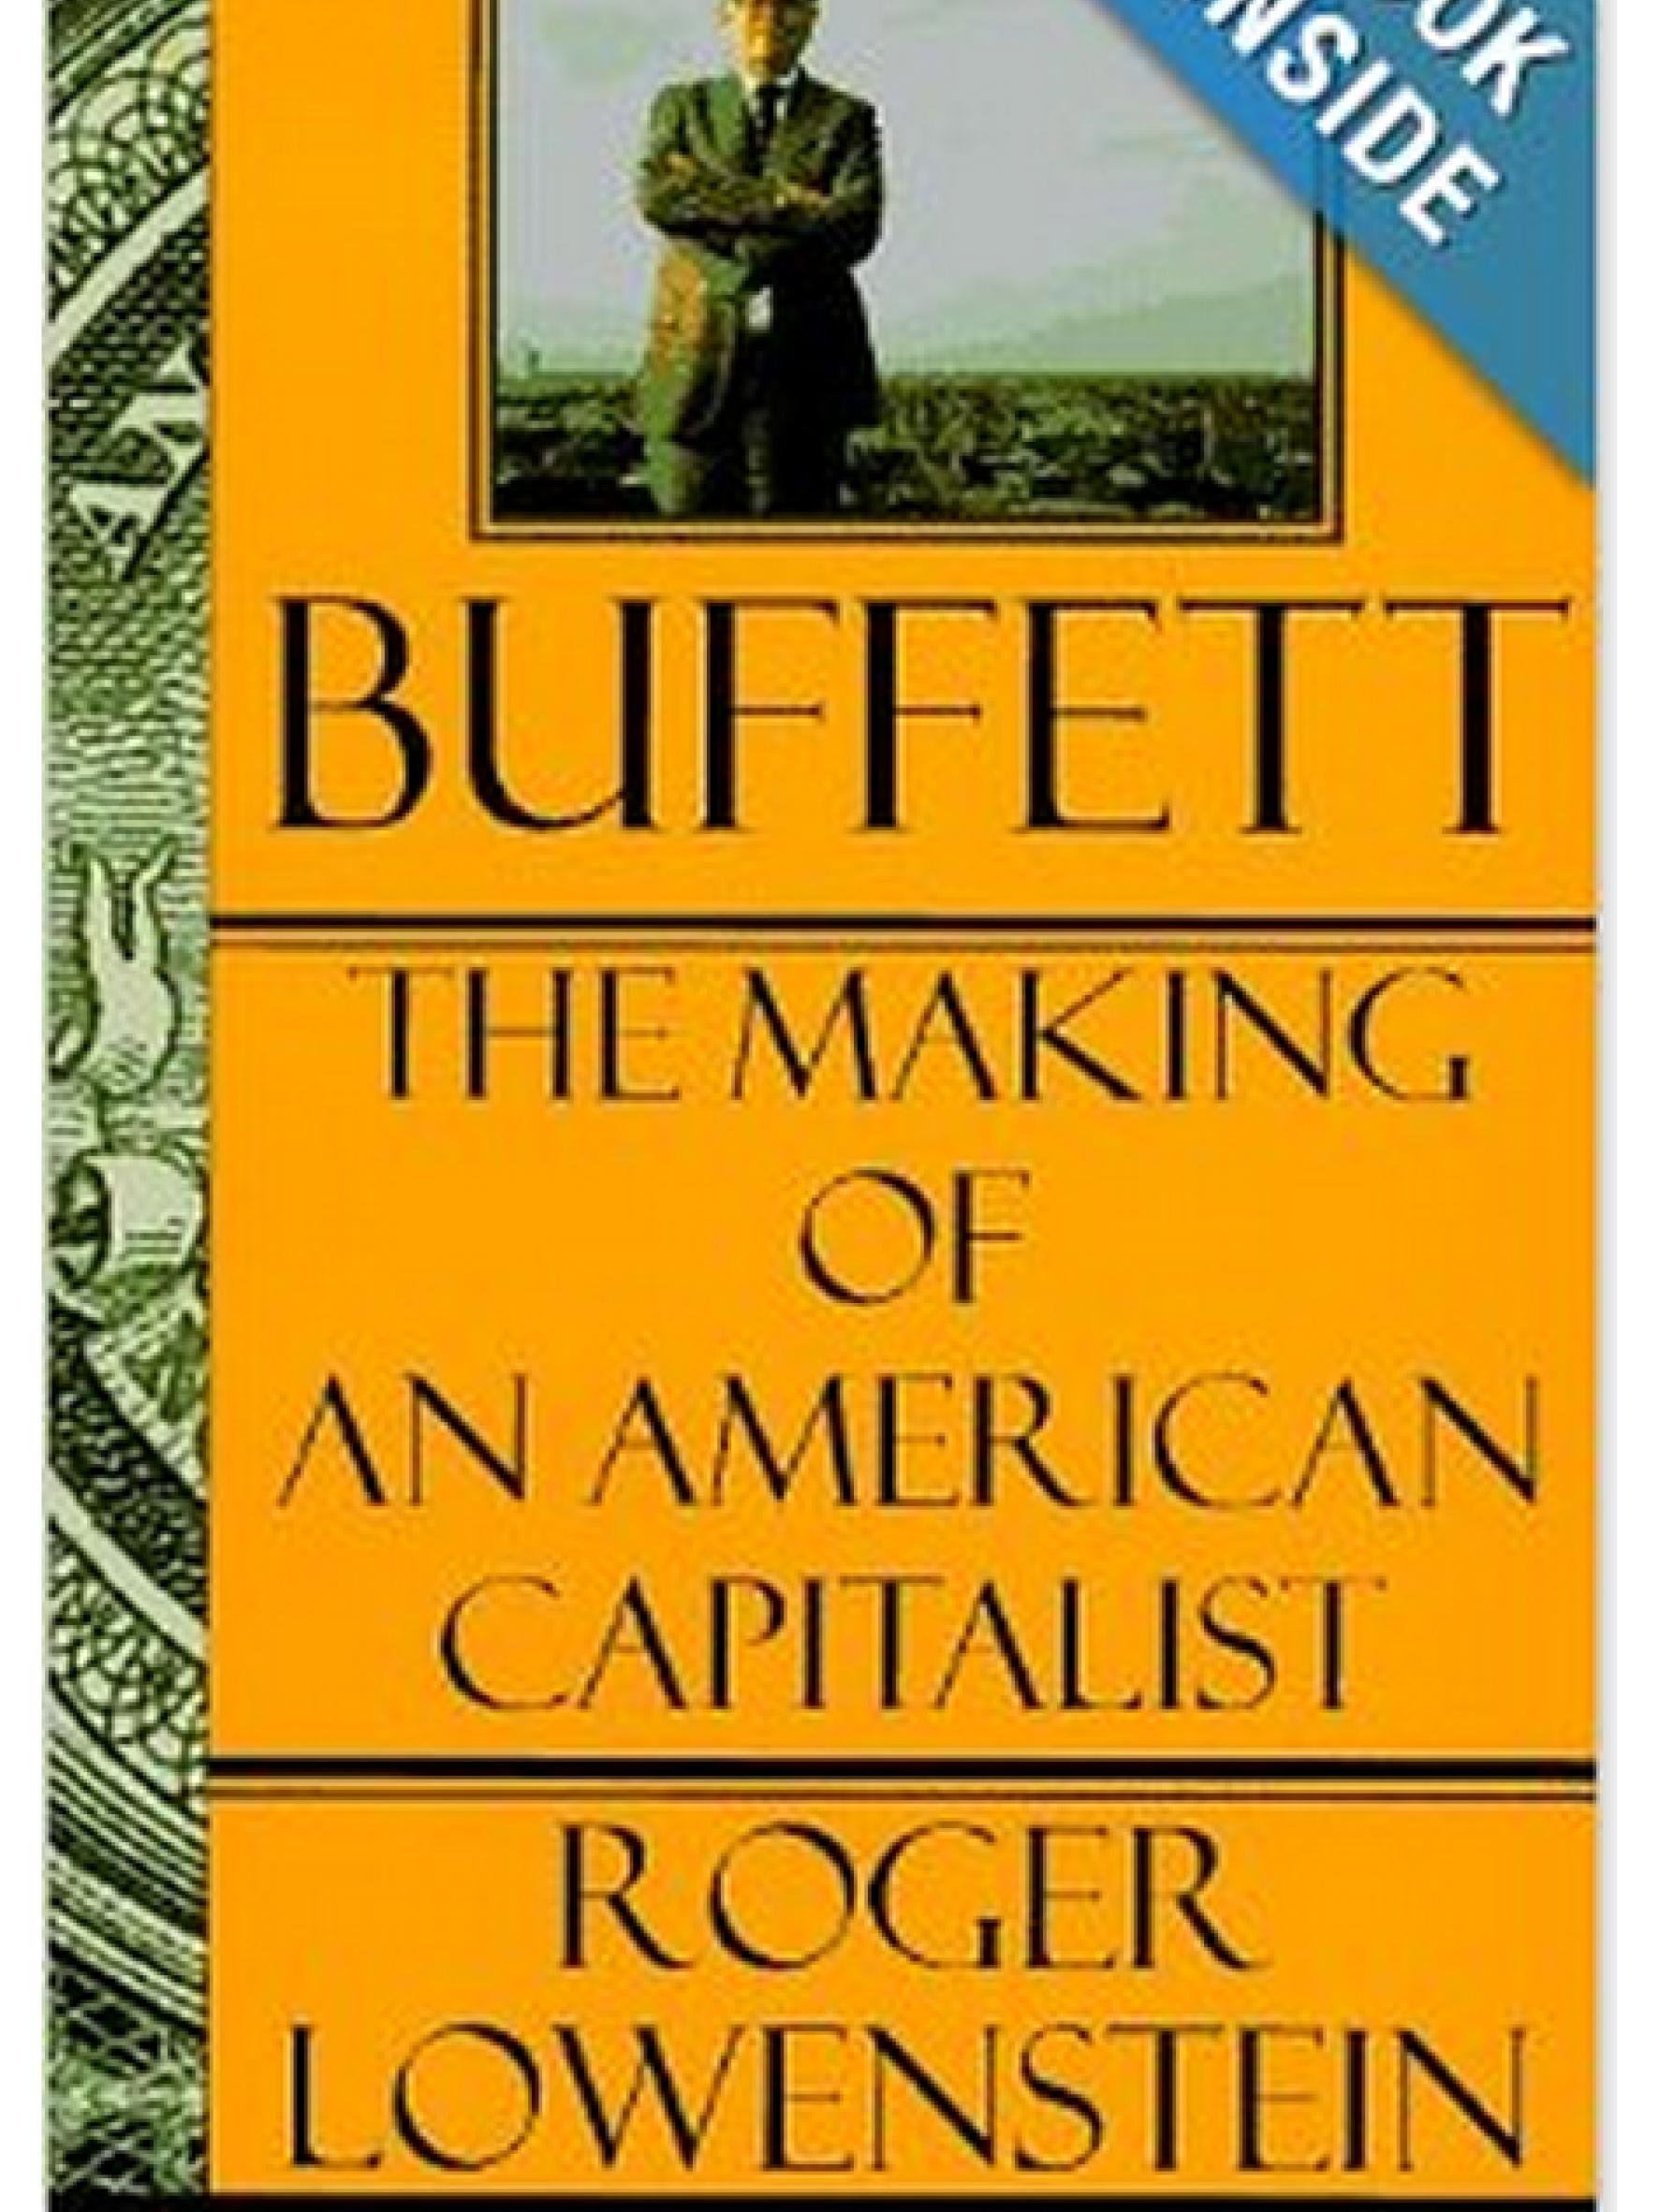 Buffett: The Making Of An American Capitalist.     Roger Lowenstein    1995